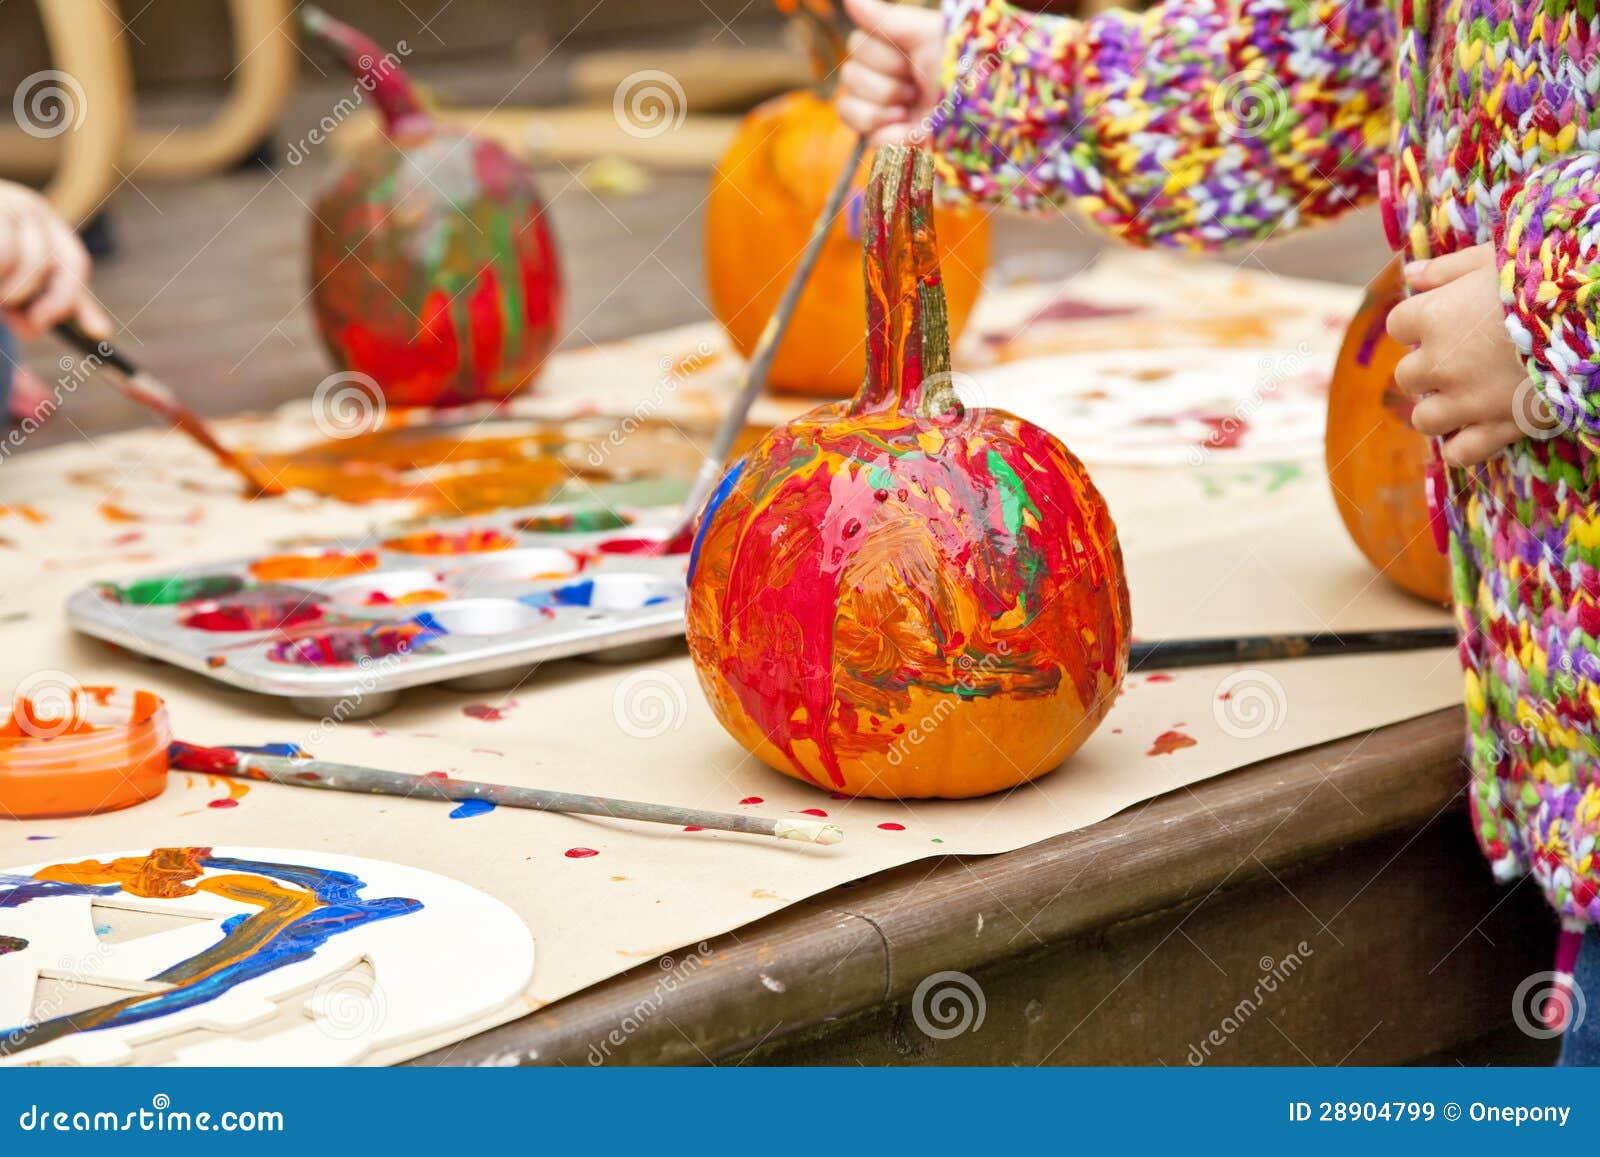 Calabazas pintadas - Calabazas de halloween pintadas ...